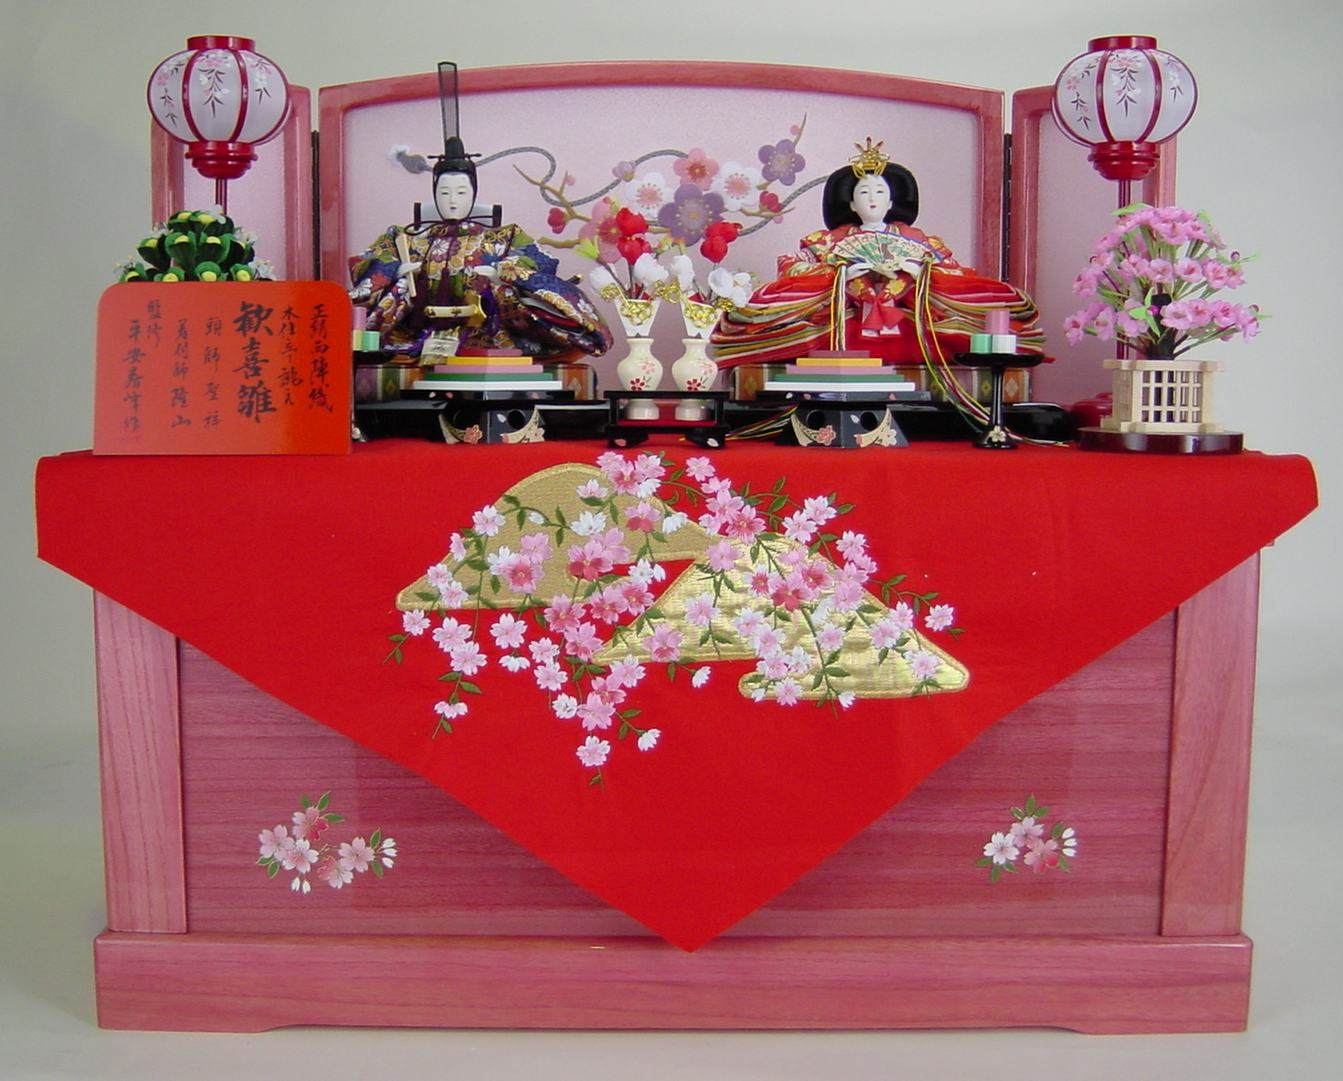 70歓喜雛親王 (塗り桐収納式飾り) 【お雛様】【収納飾り】 【ひな祭り】【smtb-k】【w3】